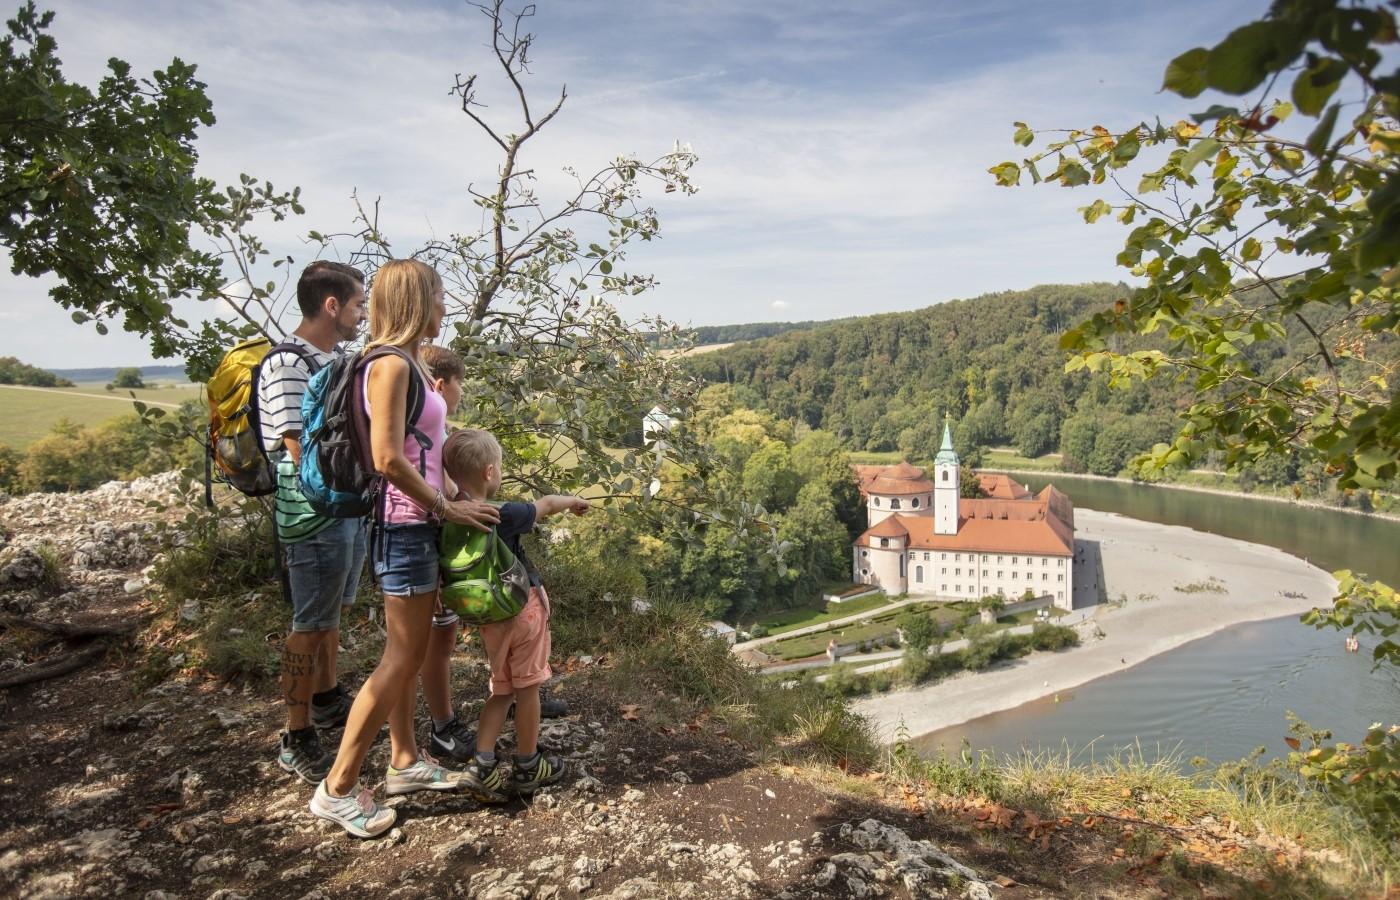 Wanderung zum Kloster Weltenburg im Altmühltal